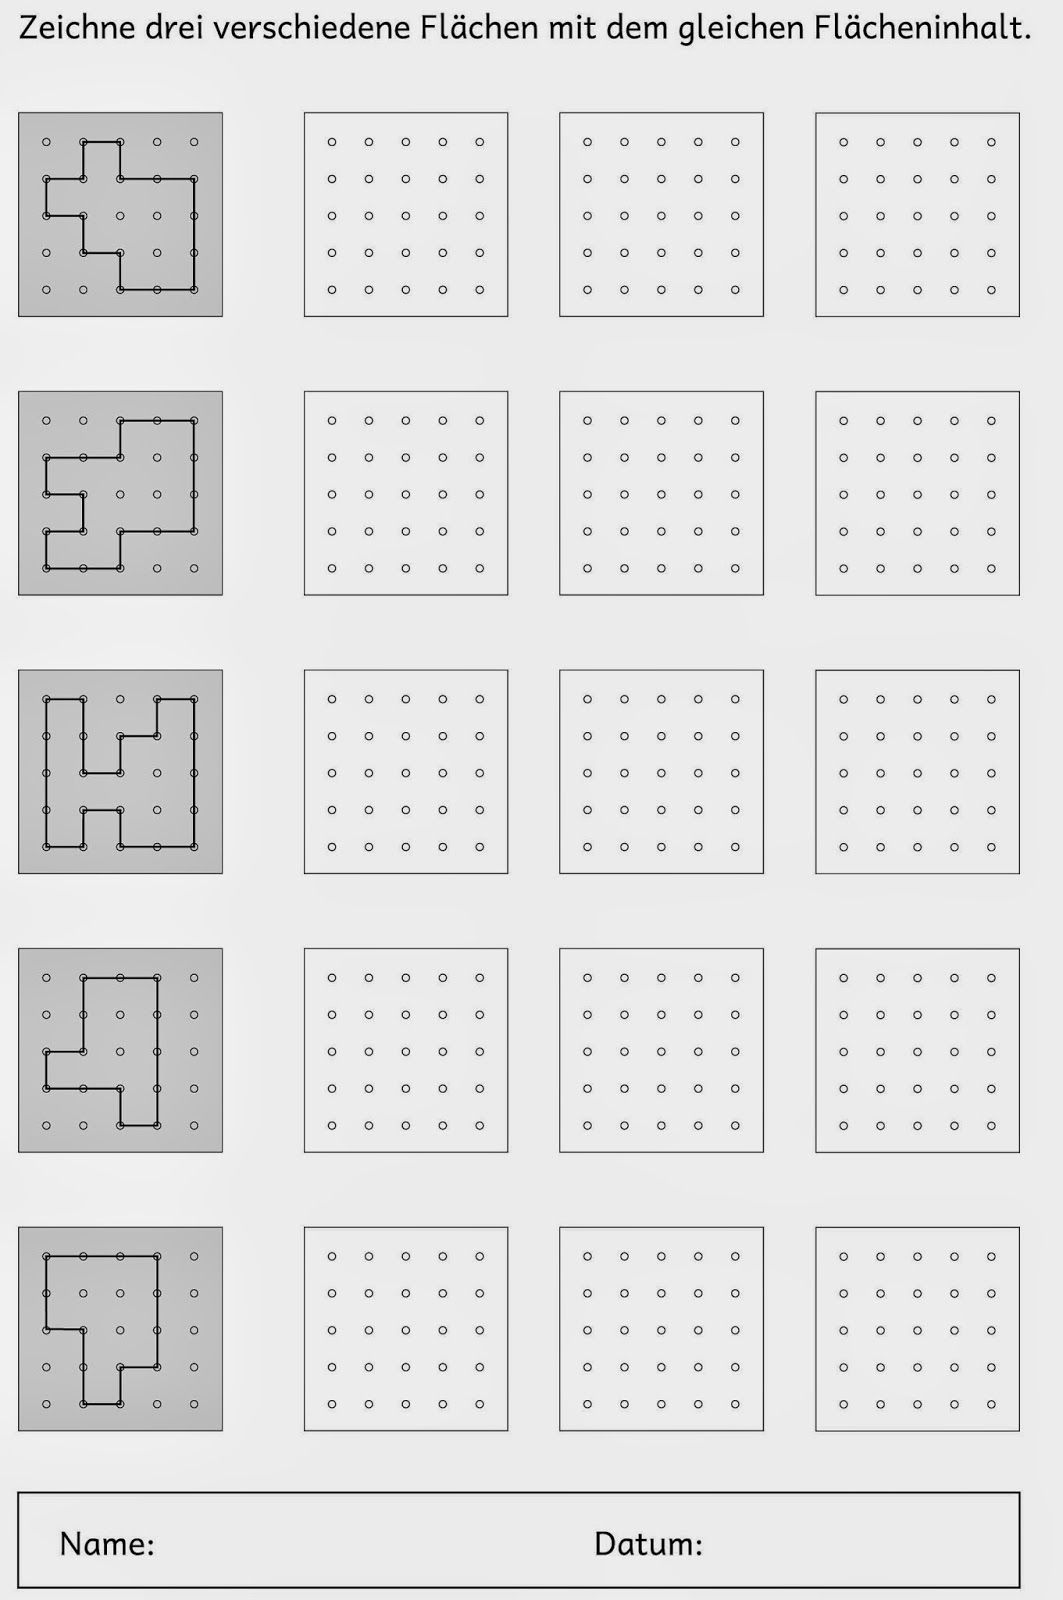 fl cheninhalt zeichnen fl cheninhalt zeichnen und mathe. Black Bedroom Furniture Sets. Home Design Ideas